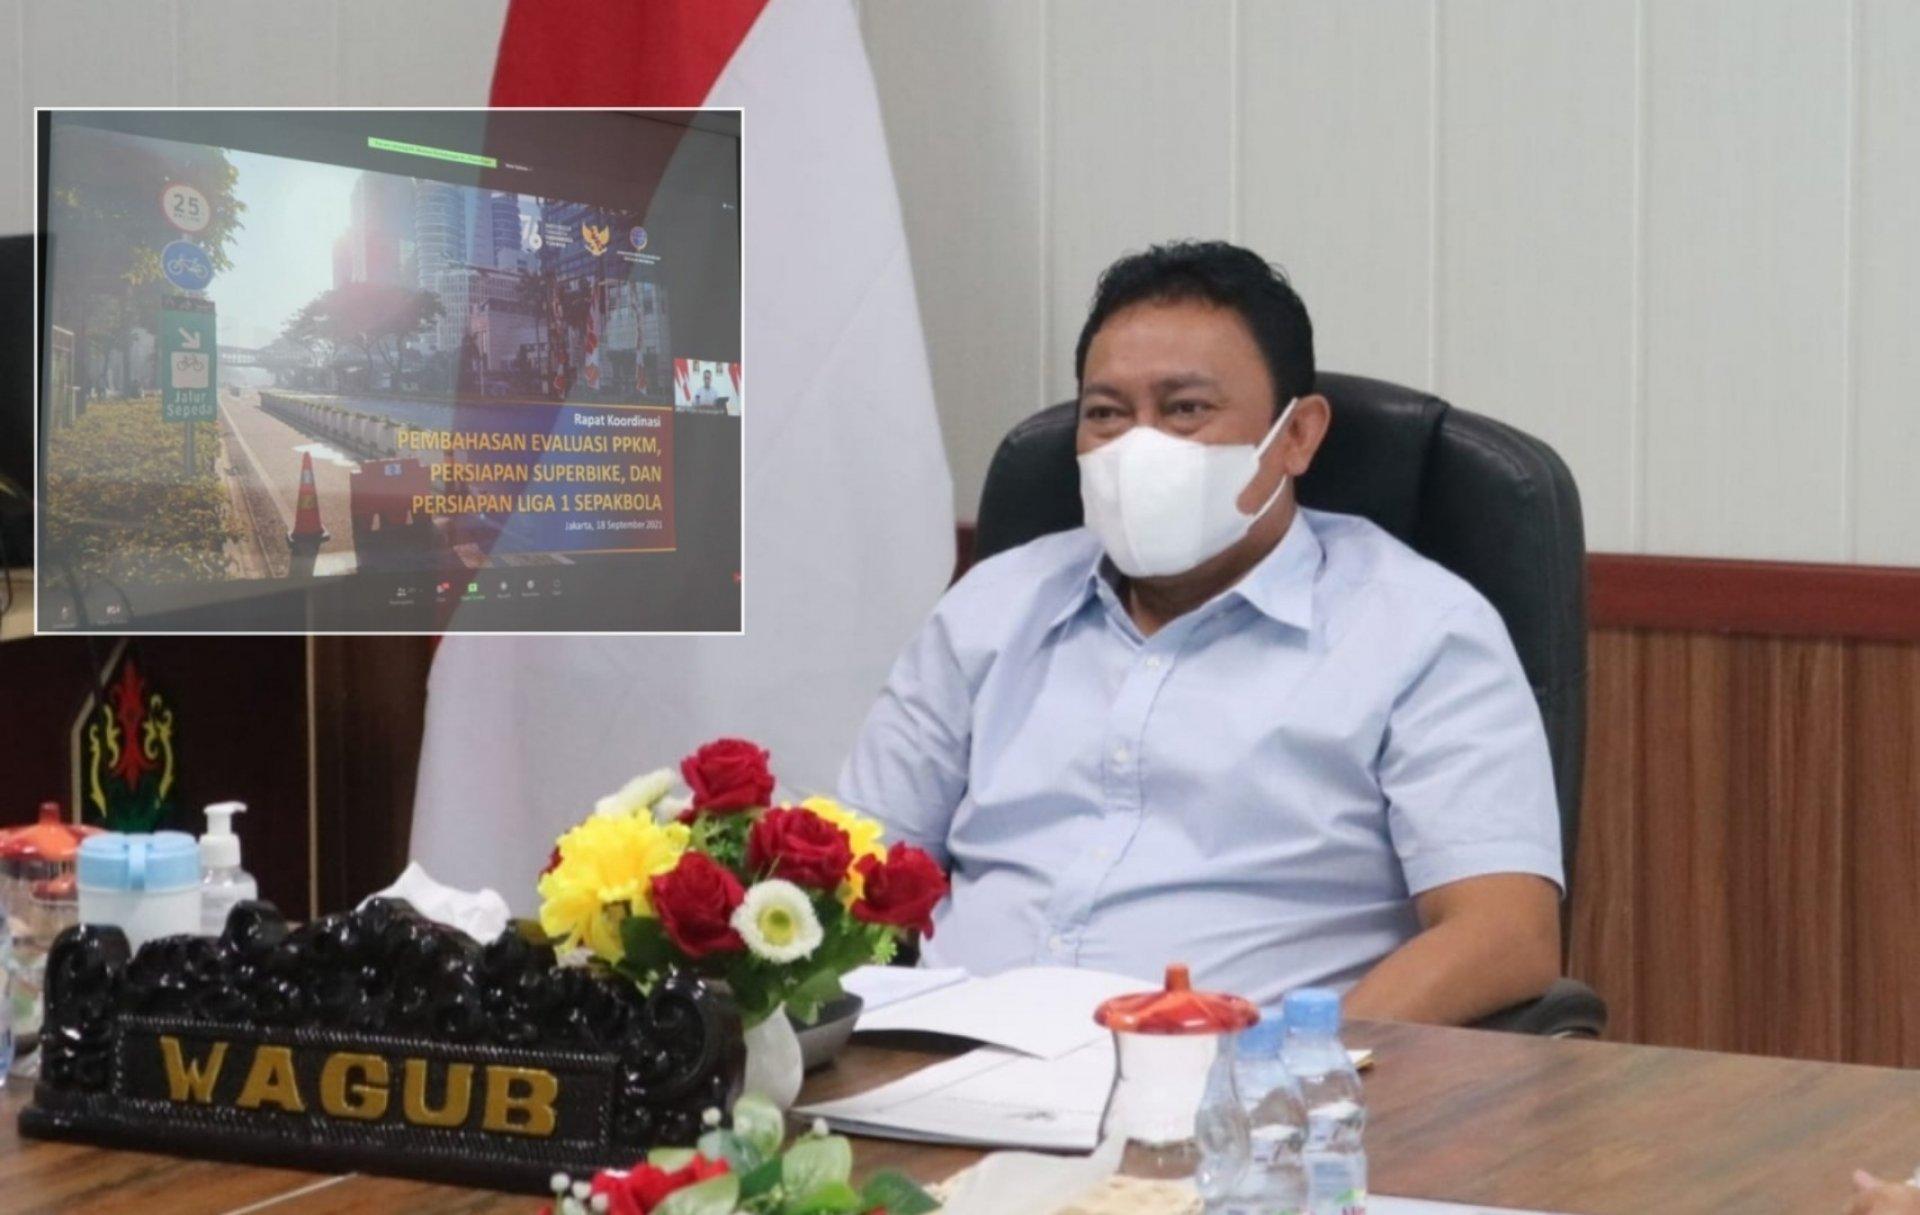 Wagub Edy Pratowo Ikuti Rakor Virtual Evaluasi PPKM Serta Persiapan World Superbike Mandalika dan Liga Sepak Bola